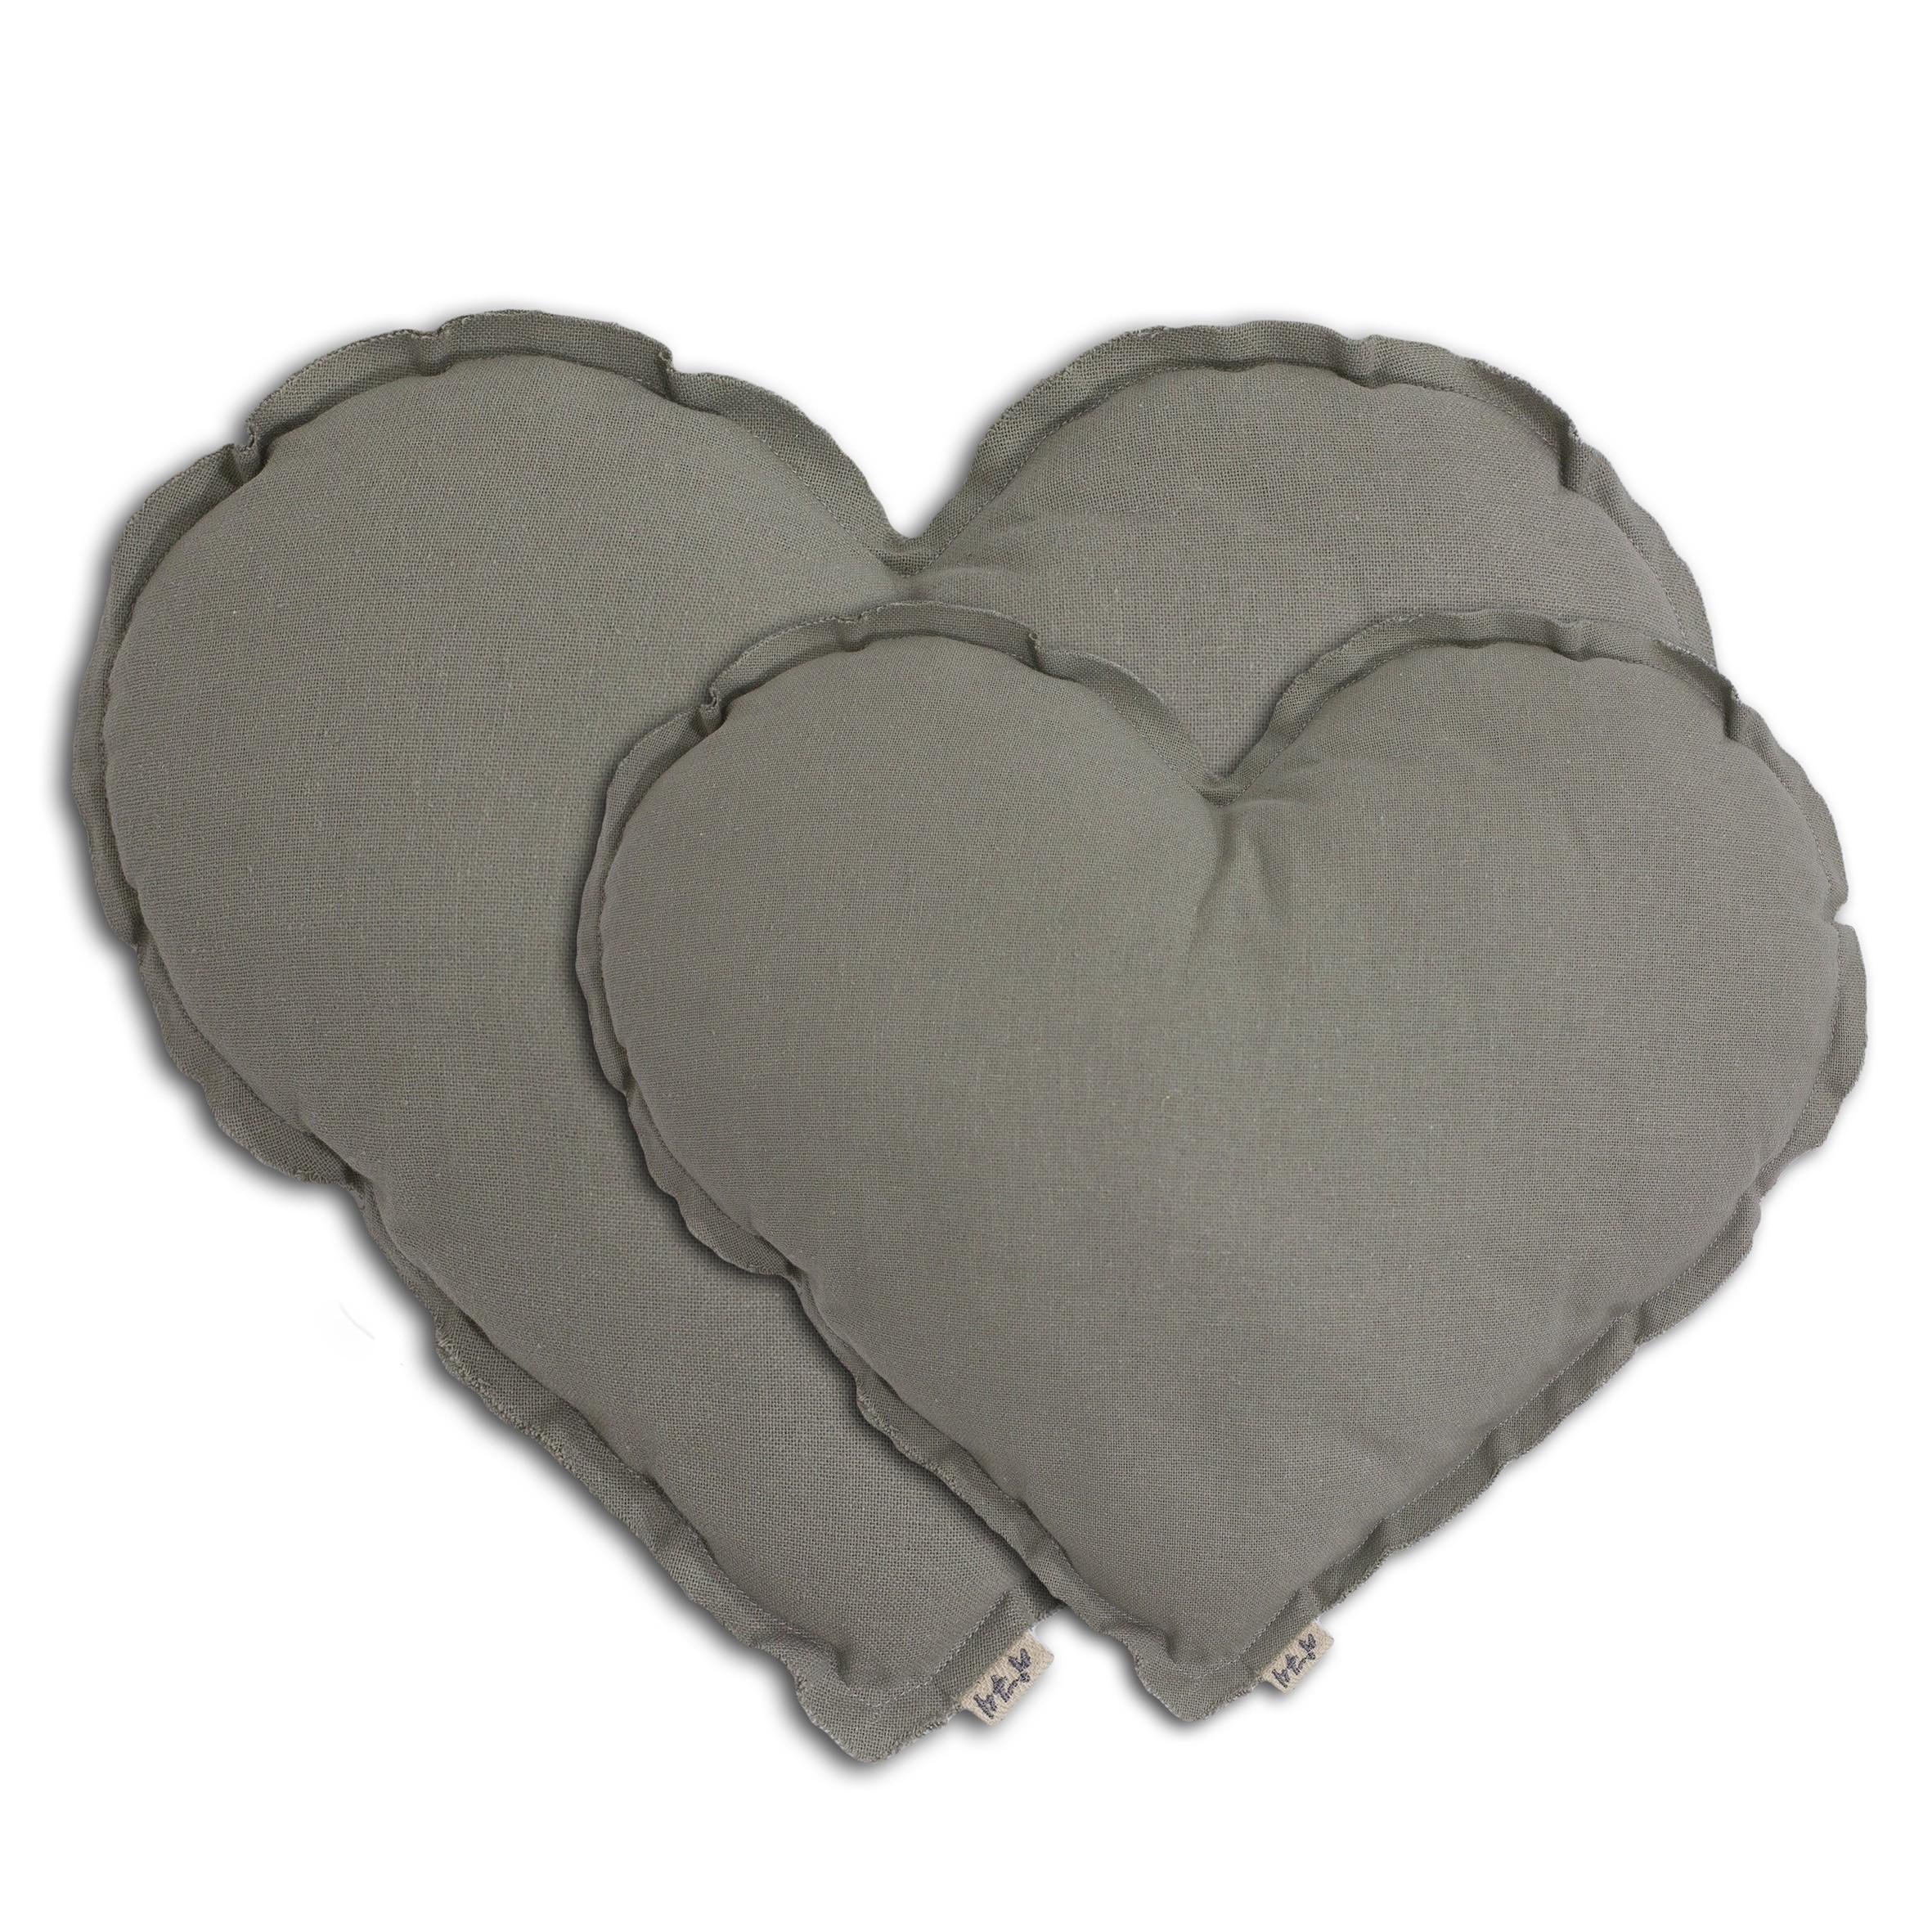 Heart Cushion silver grey